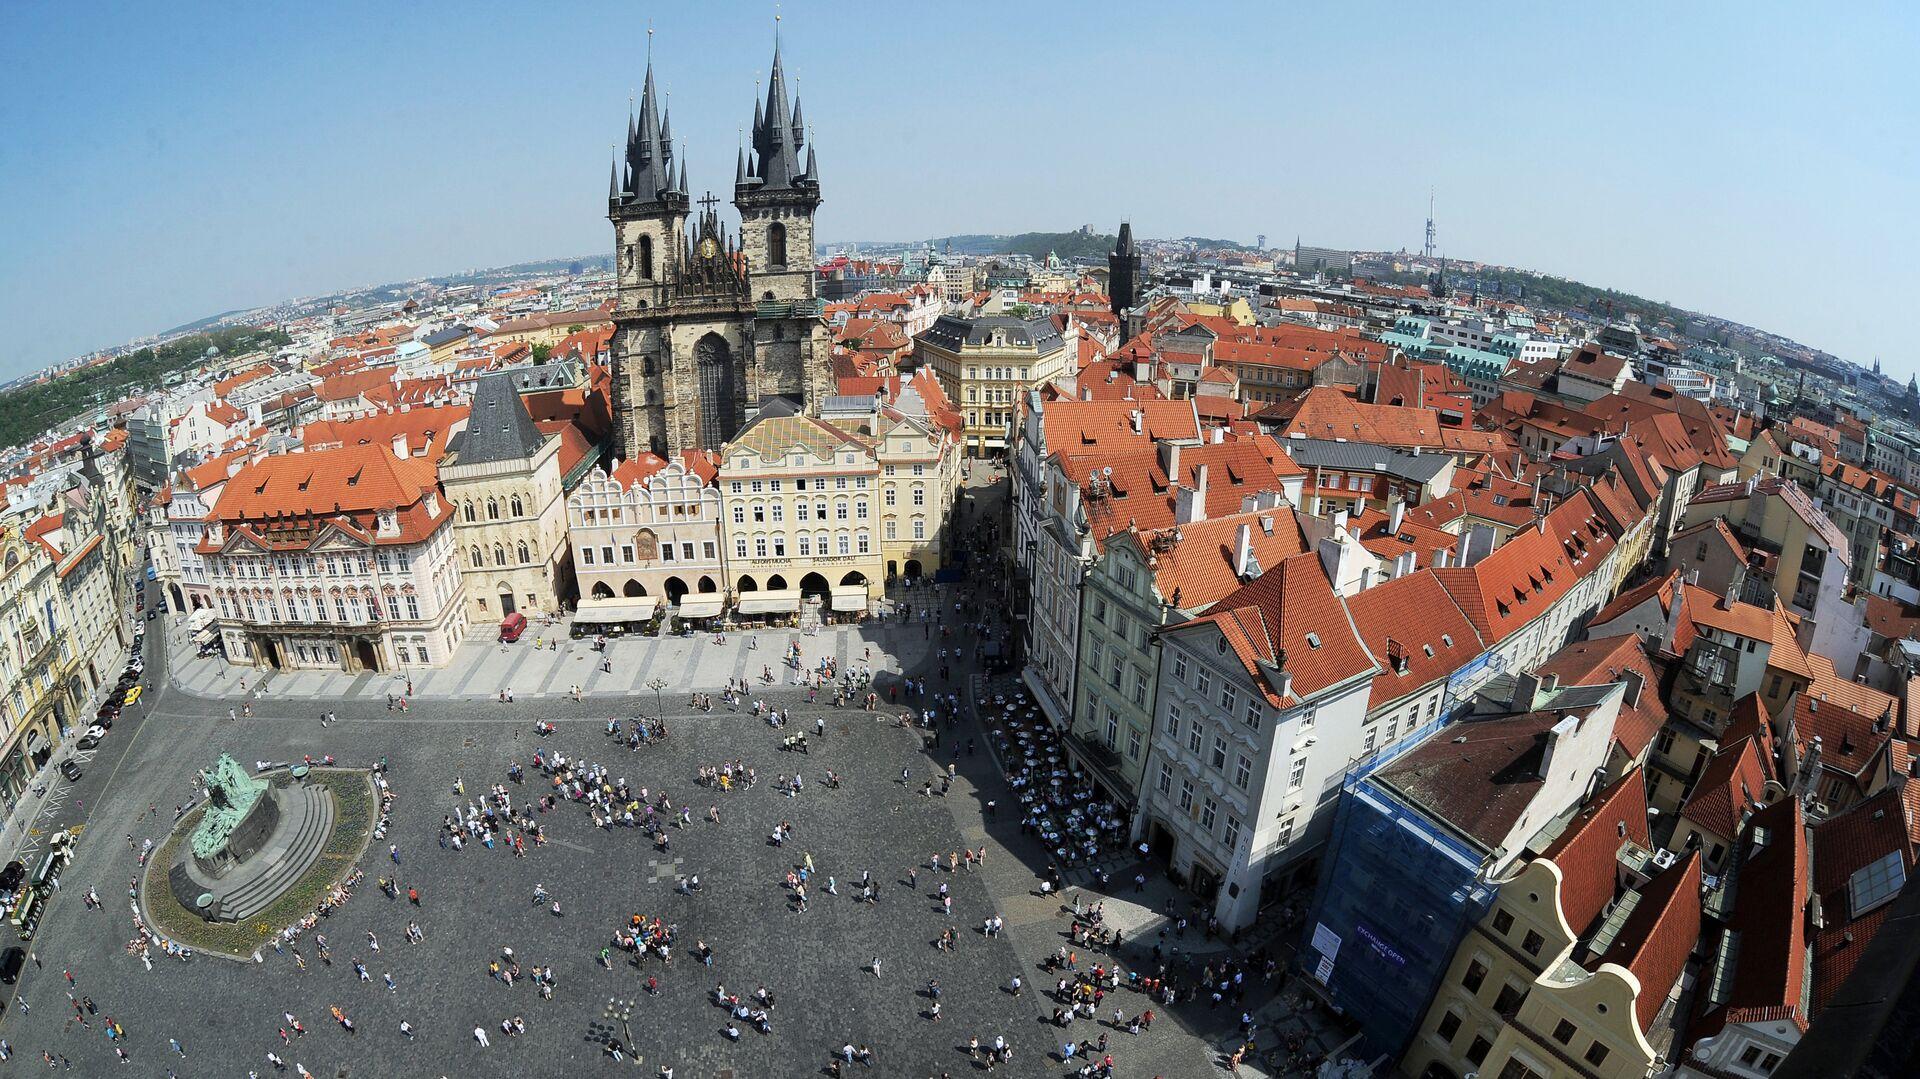 Вид на Староместскую площадь в Праге - РИА Новости, 1920, 06.05.2021